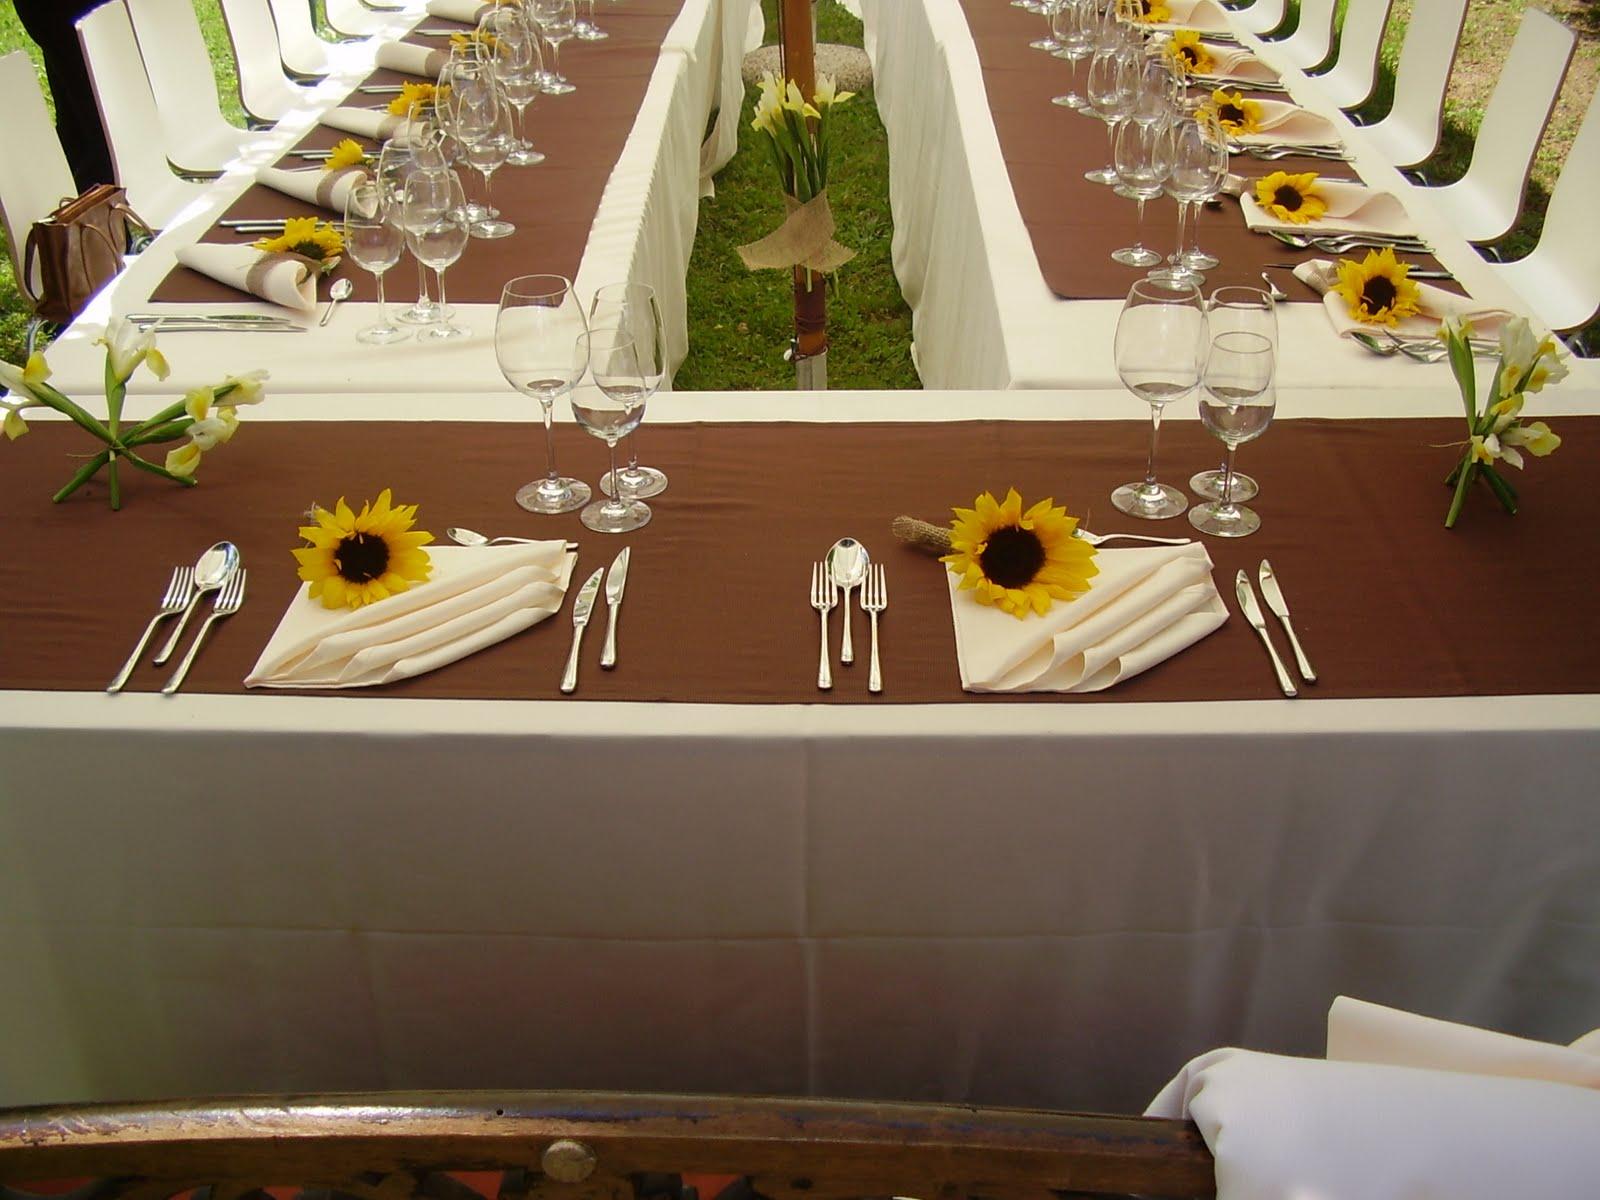 Tavolo Matrimonio Girasoli : Tavolo matrimonio girasoli quale preferite